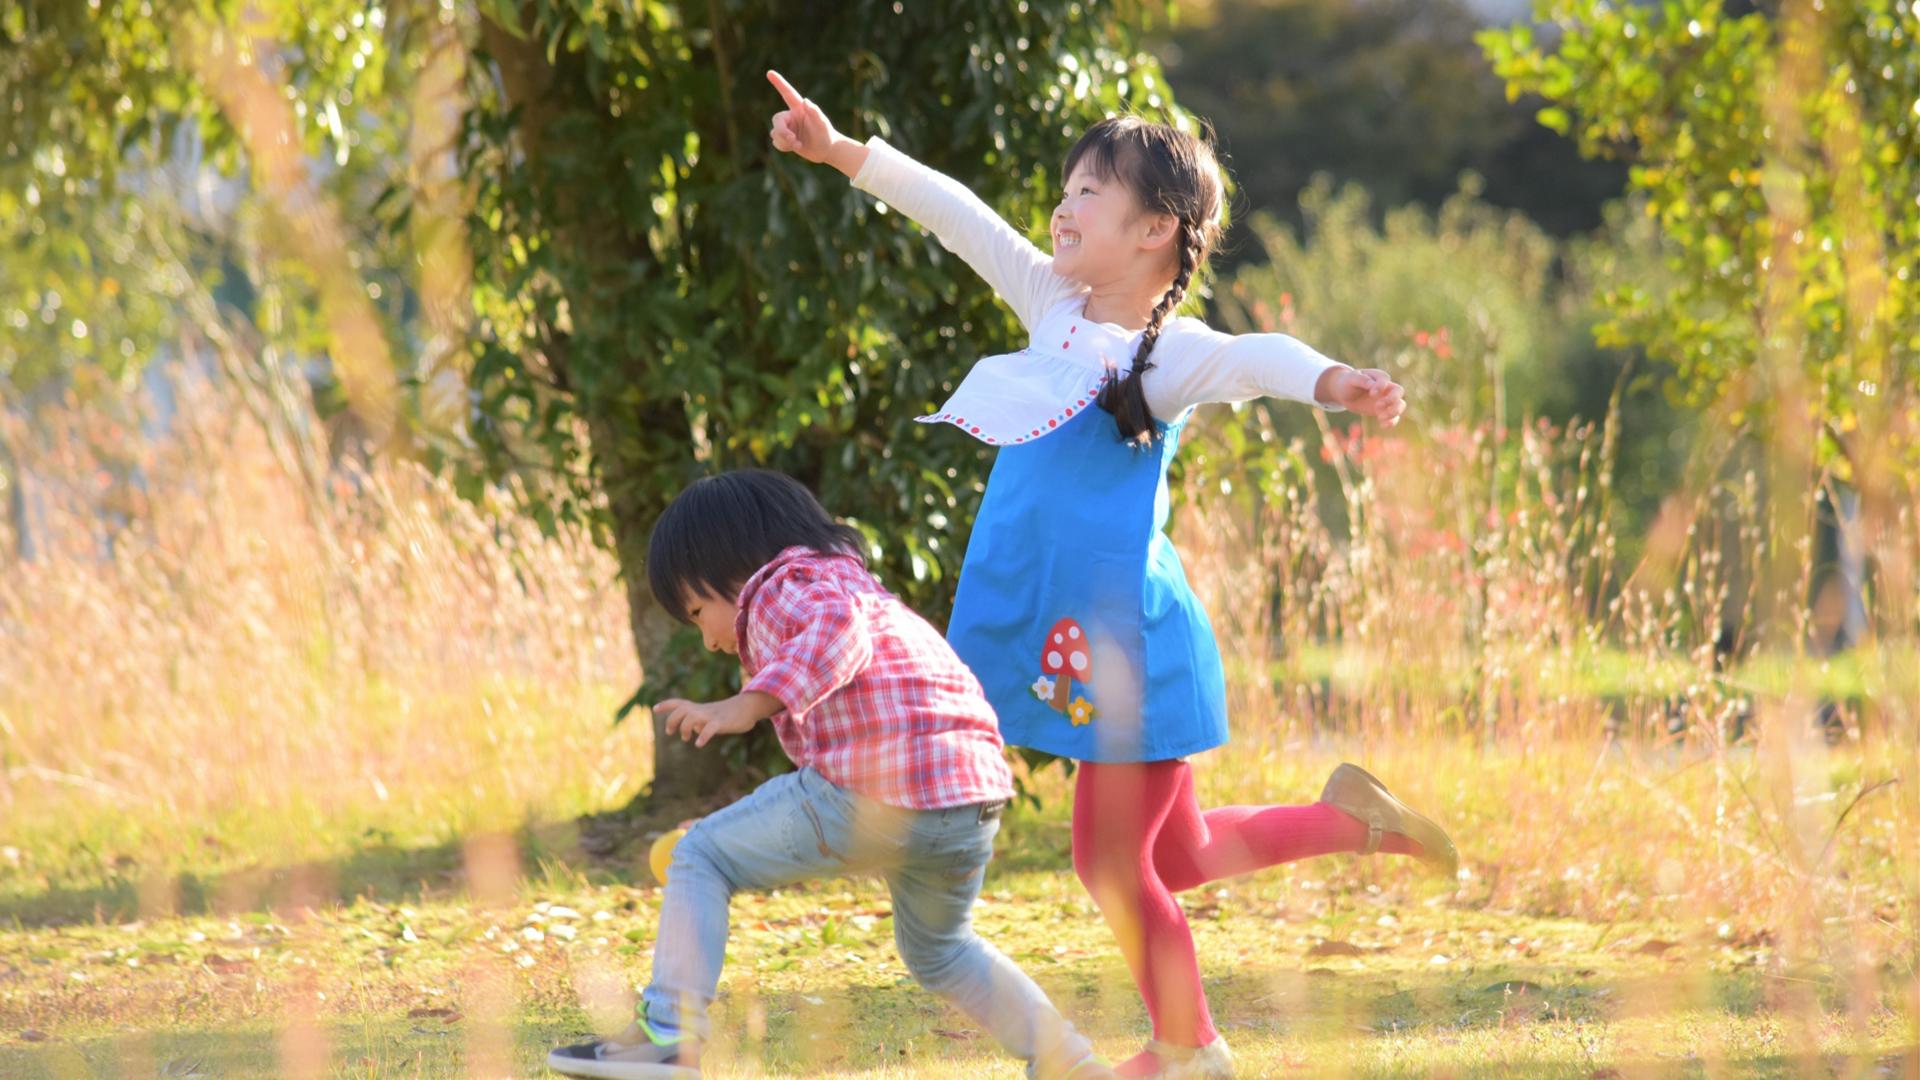 【兒童連假去哪玩】兒童節、清明連假的親子出遊推薦!